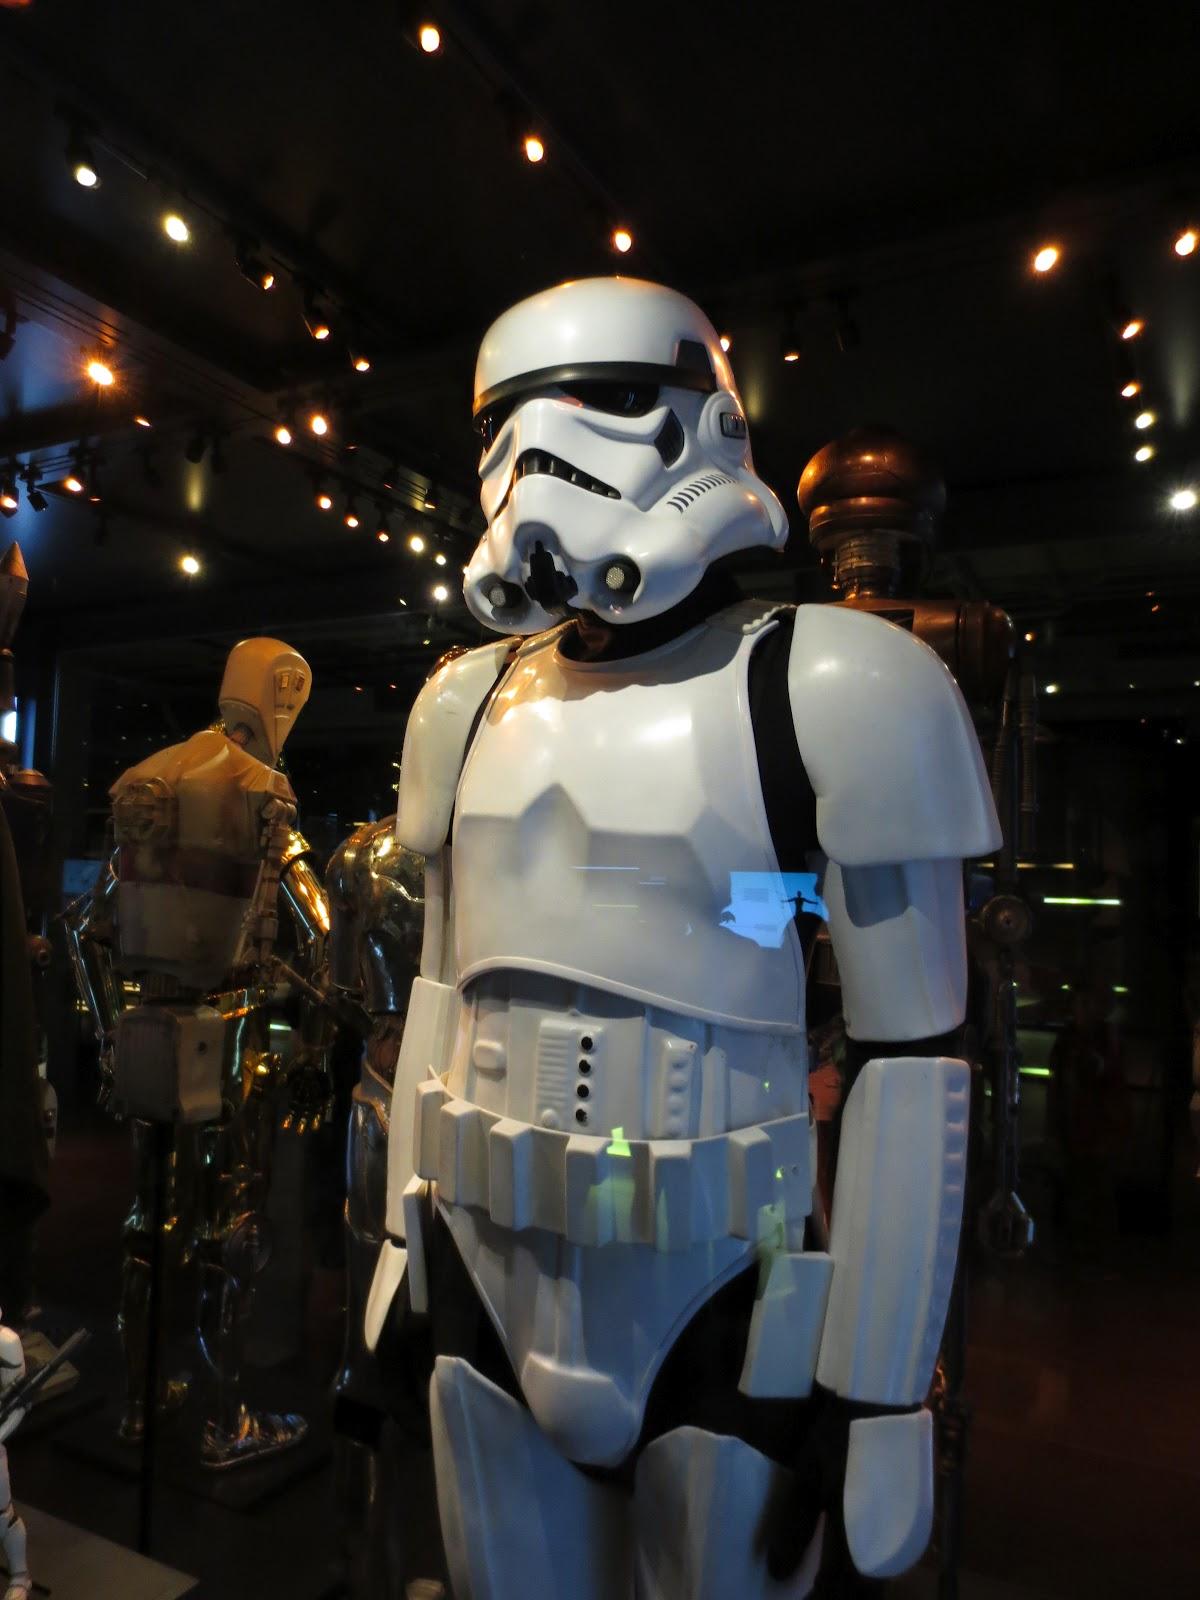 star wars identits stormtroopers soldats de chocs